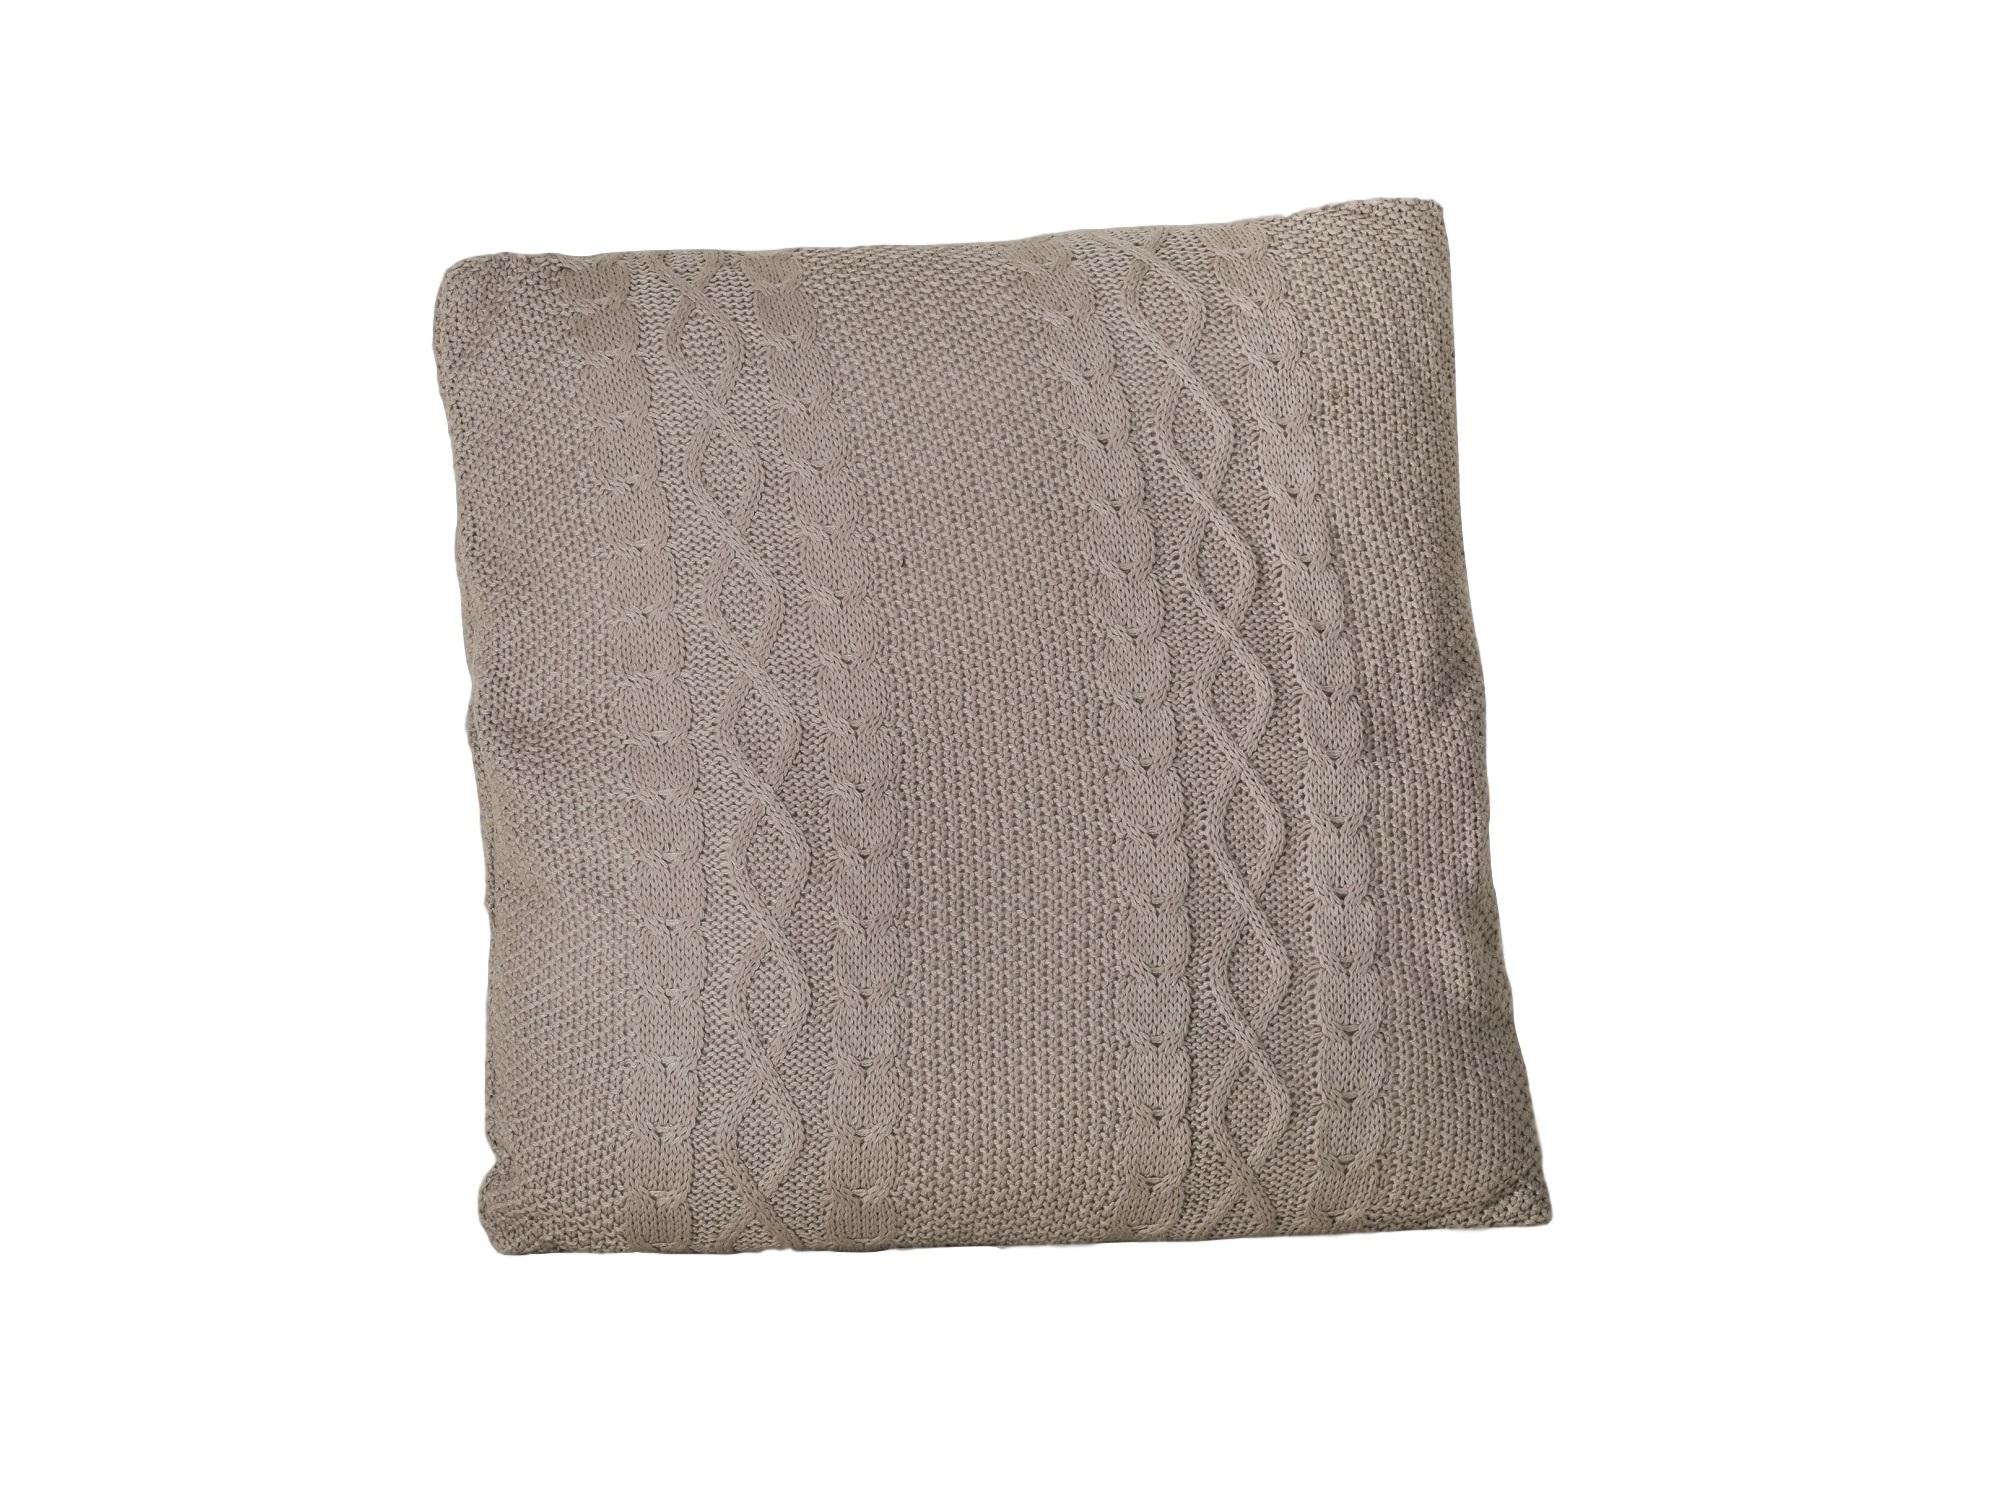 Подушка вязанаяКвадратные подушки и наволочки<br>Подушка декоративная квадратная в вязаном чехле<br><br>Material: Текстиль<br>Width см: 55<br>Depth см: 10<br>Height см: 55